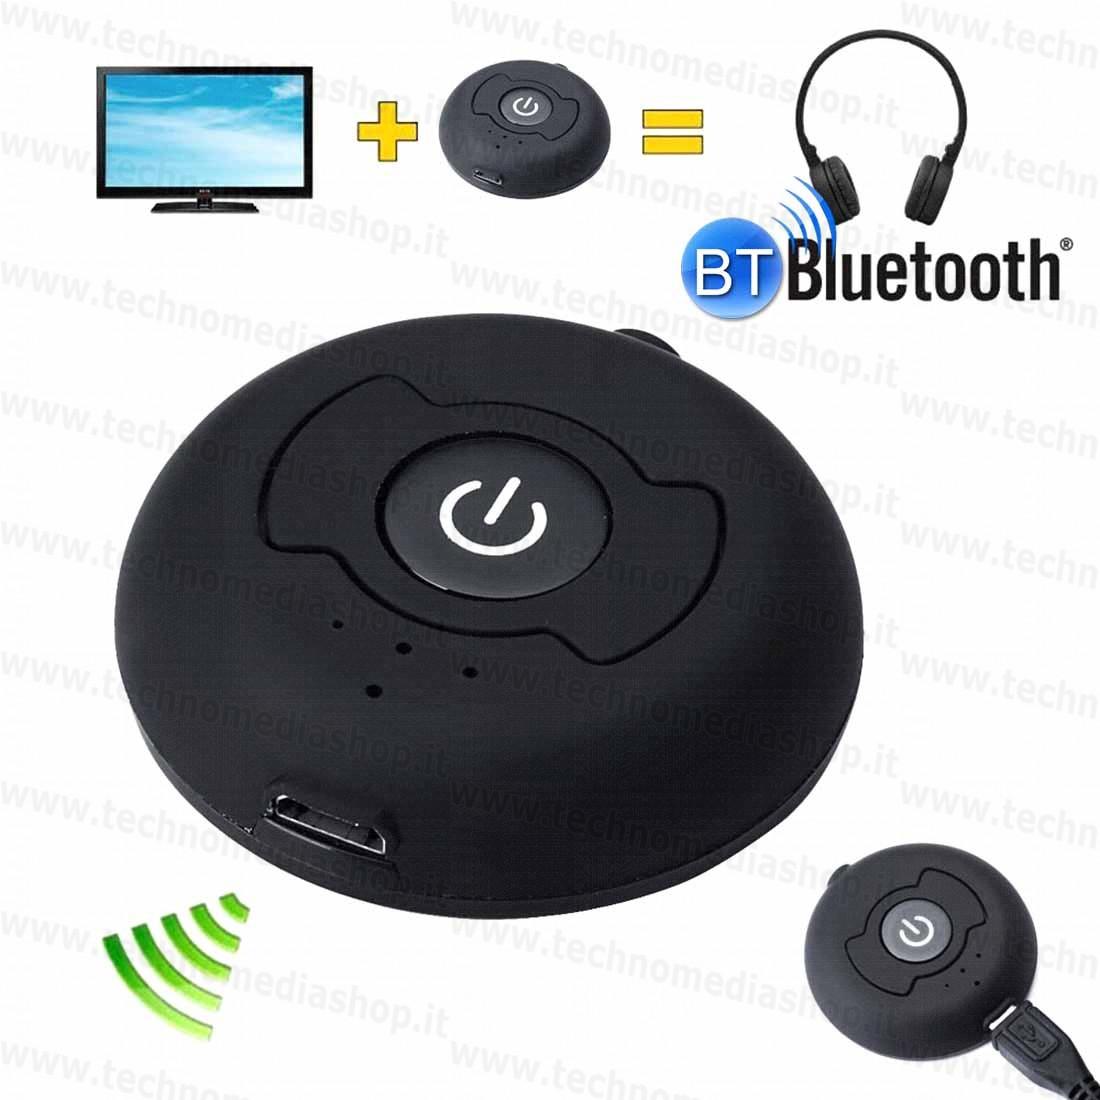 ... Trasmettitore BlueTooth Audio stereo Transmitter multi point per Tv Mp3  Cuffie con pila litio 5v usb ... 4b4b0335897c